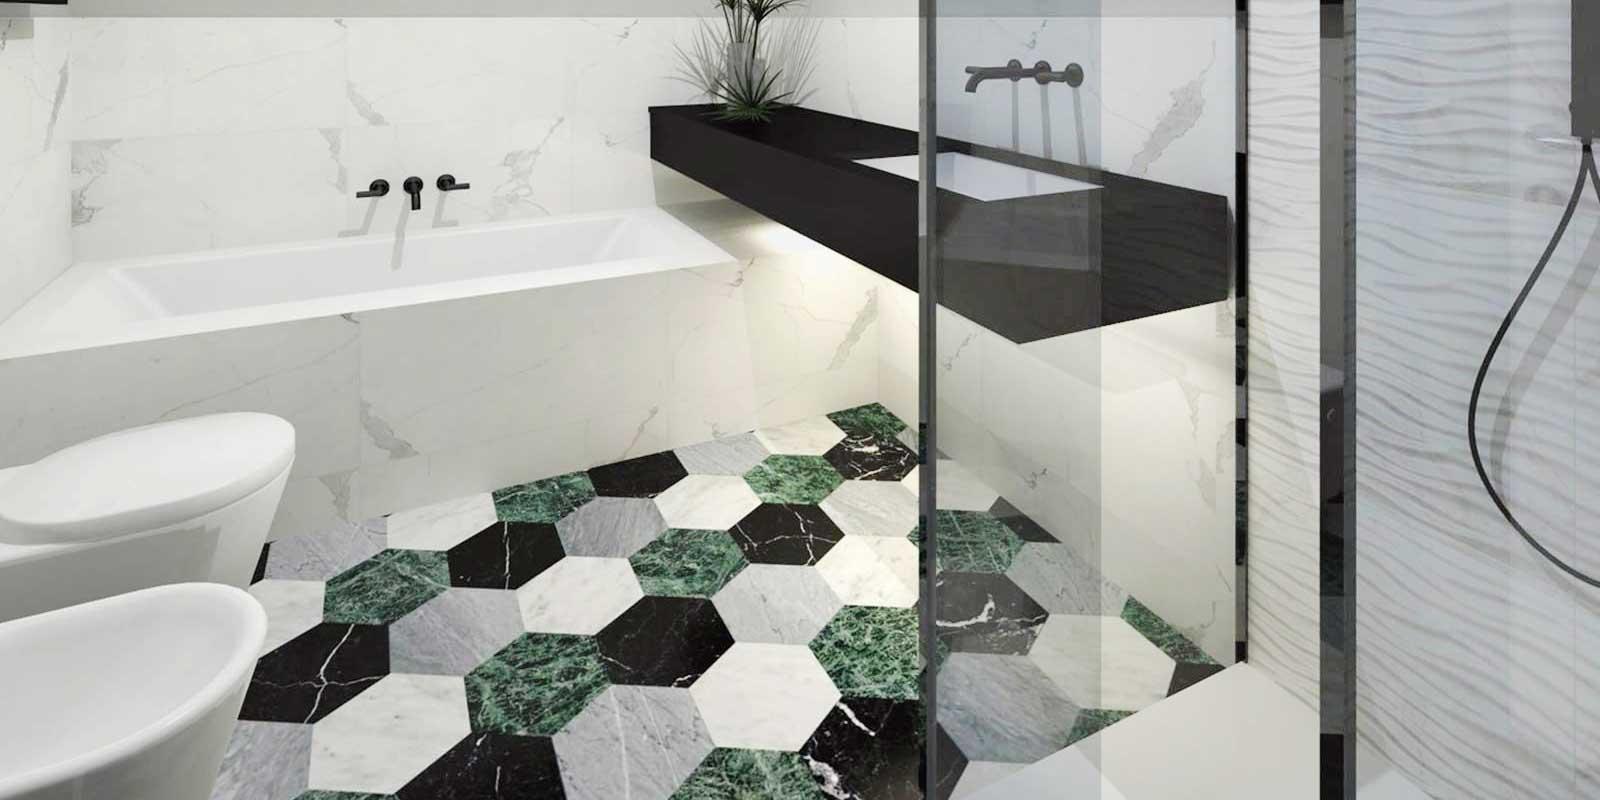 Bagno in 6 5 mq via libera ai decori progetto in 3d cose di casa - Bagno rettangolare progetto ...